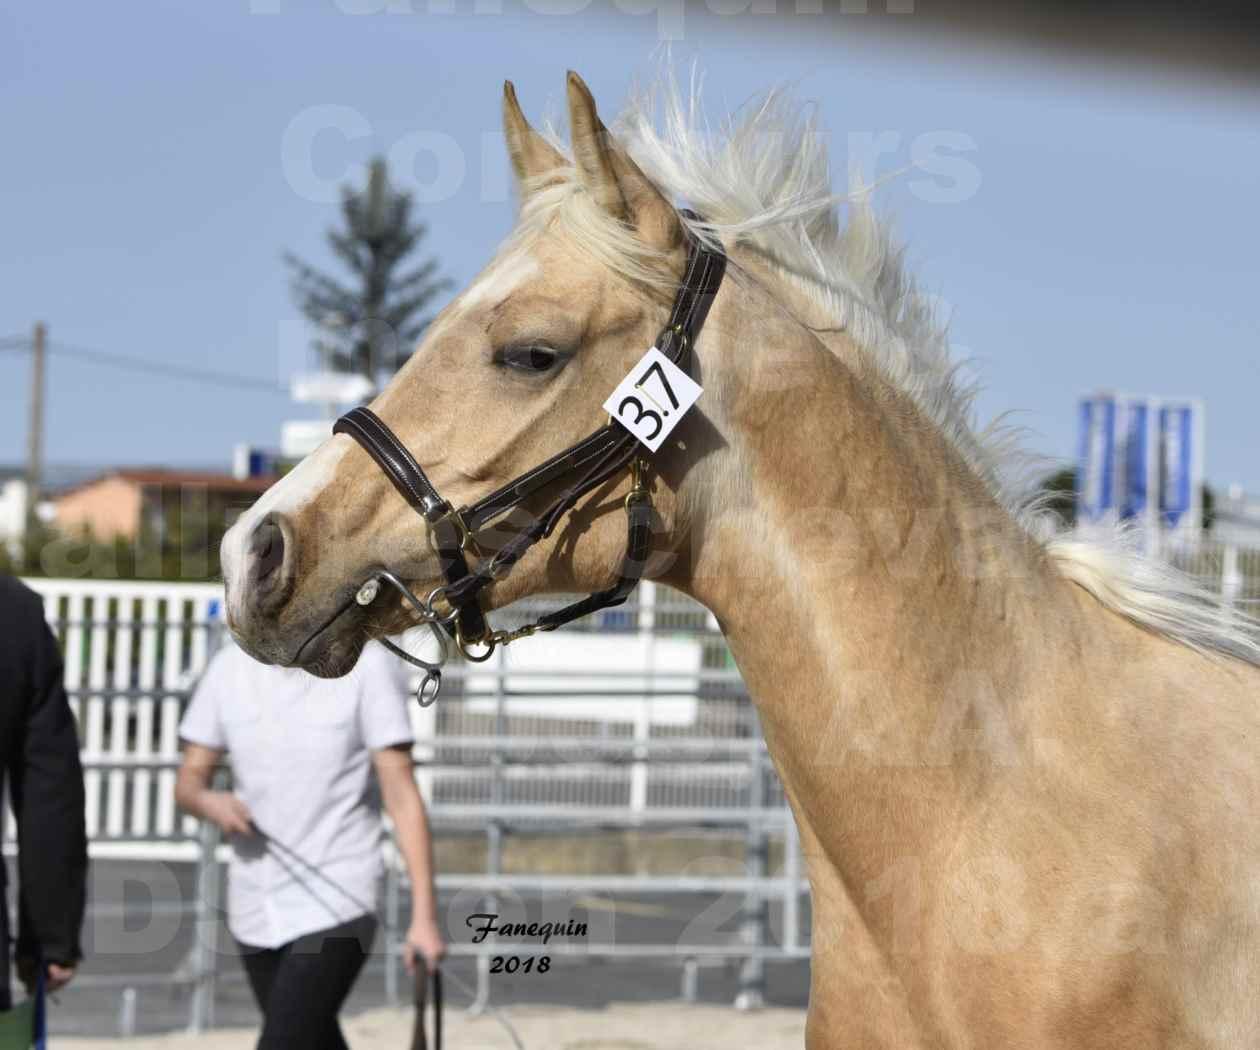 Concours d'élevage de Chevaux Arabes - Demi Sang Arabes - Anglo Arabes - ALBI les 6 & 7 Avril 2018 - GOLD DE DARRE - Notre Sélection - Portraits - 6